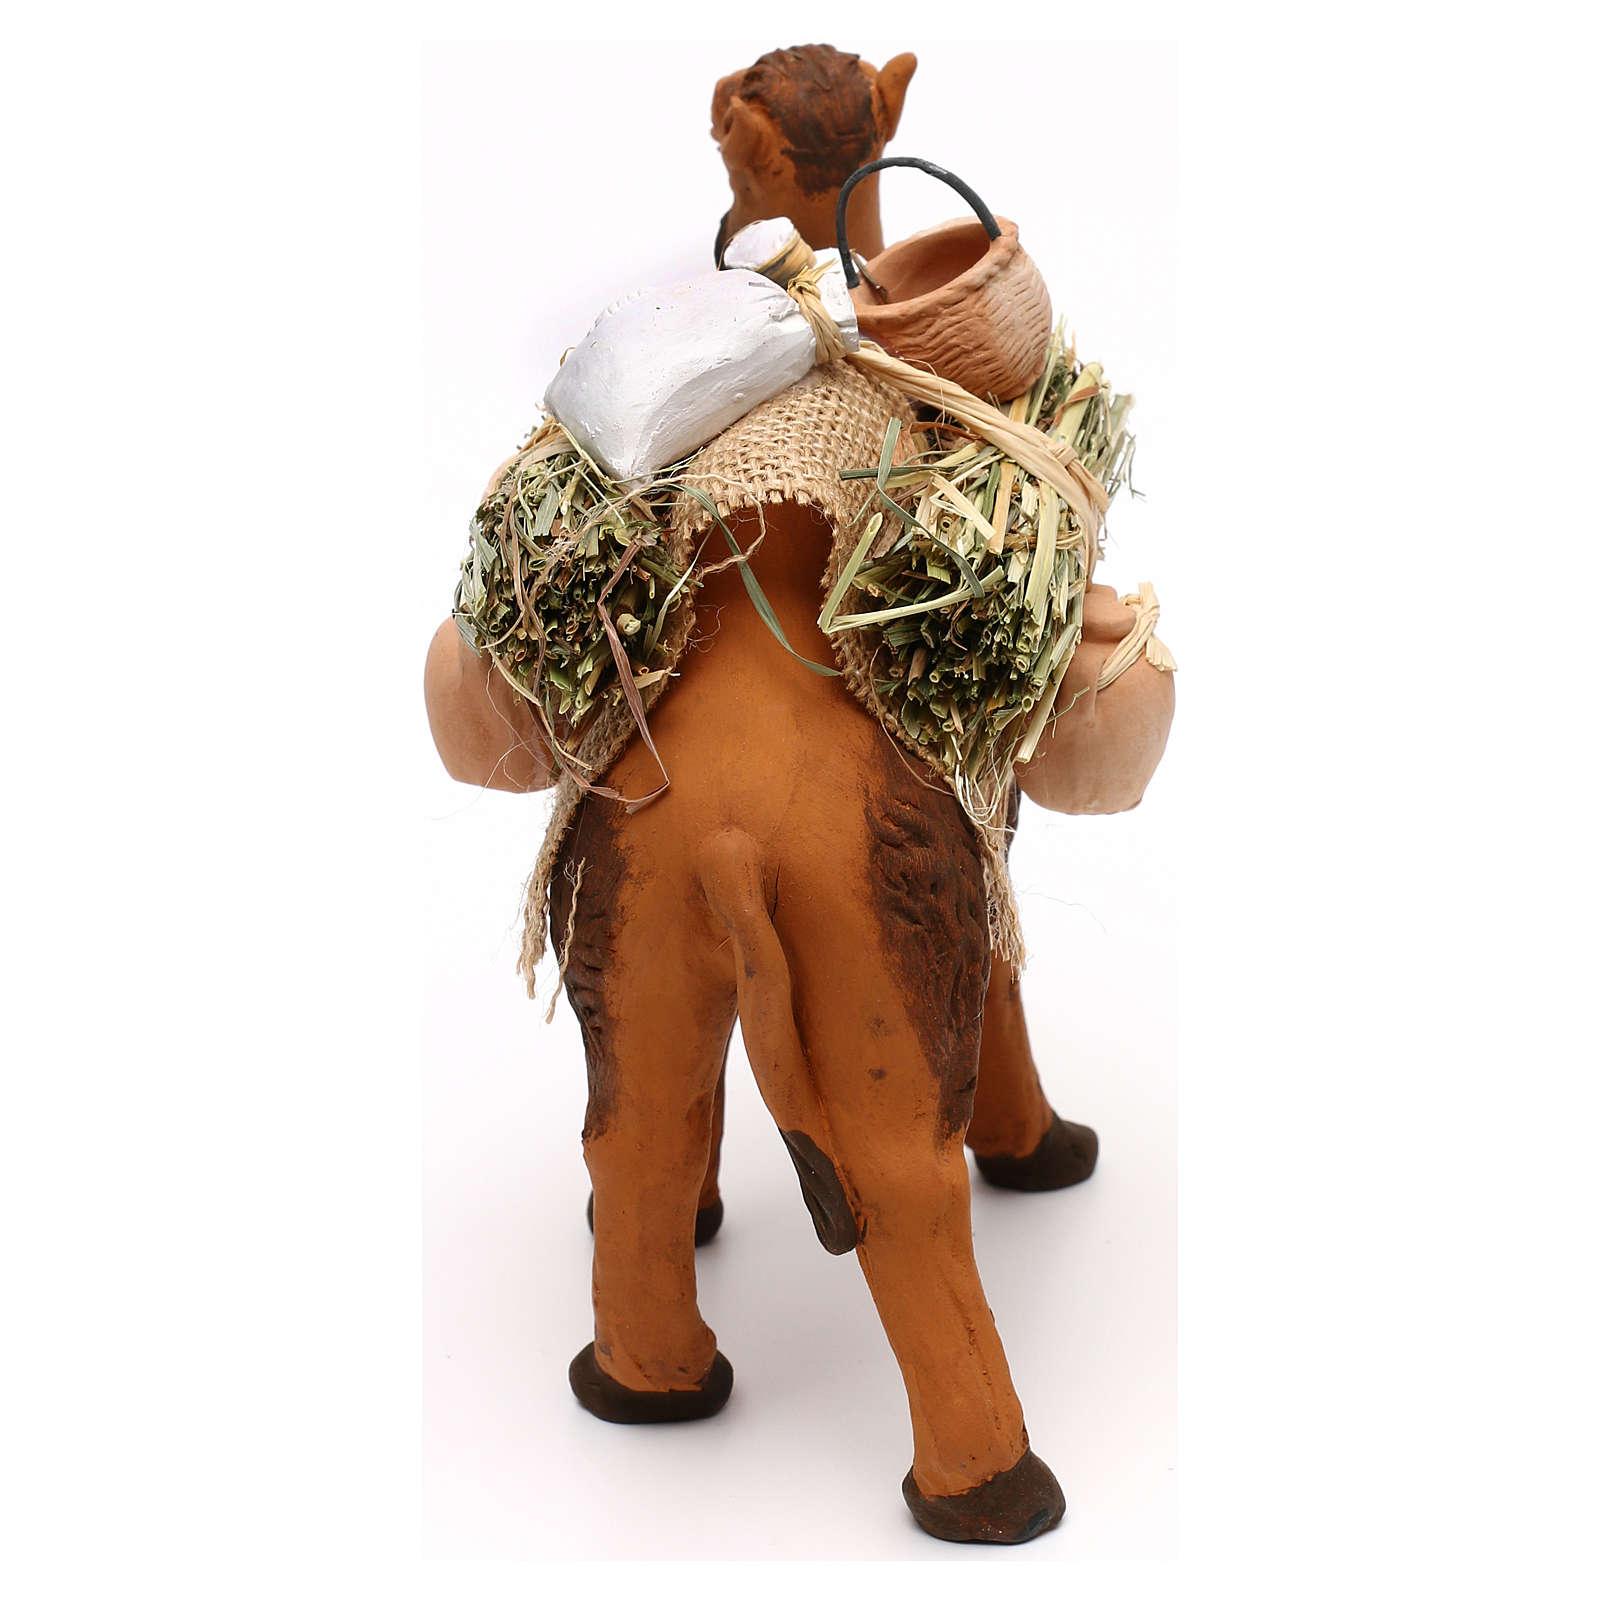 Cammello terracotta con sacchi e brocche presepe napoletano 12 cm 4